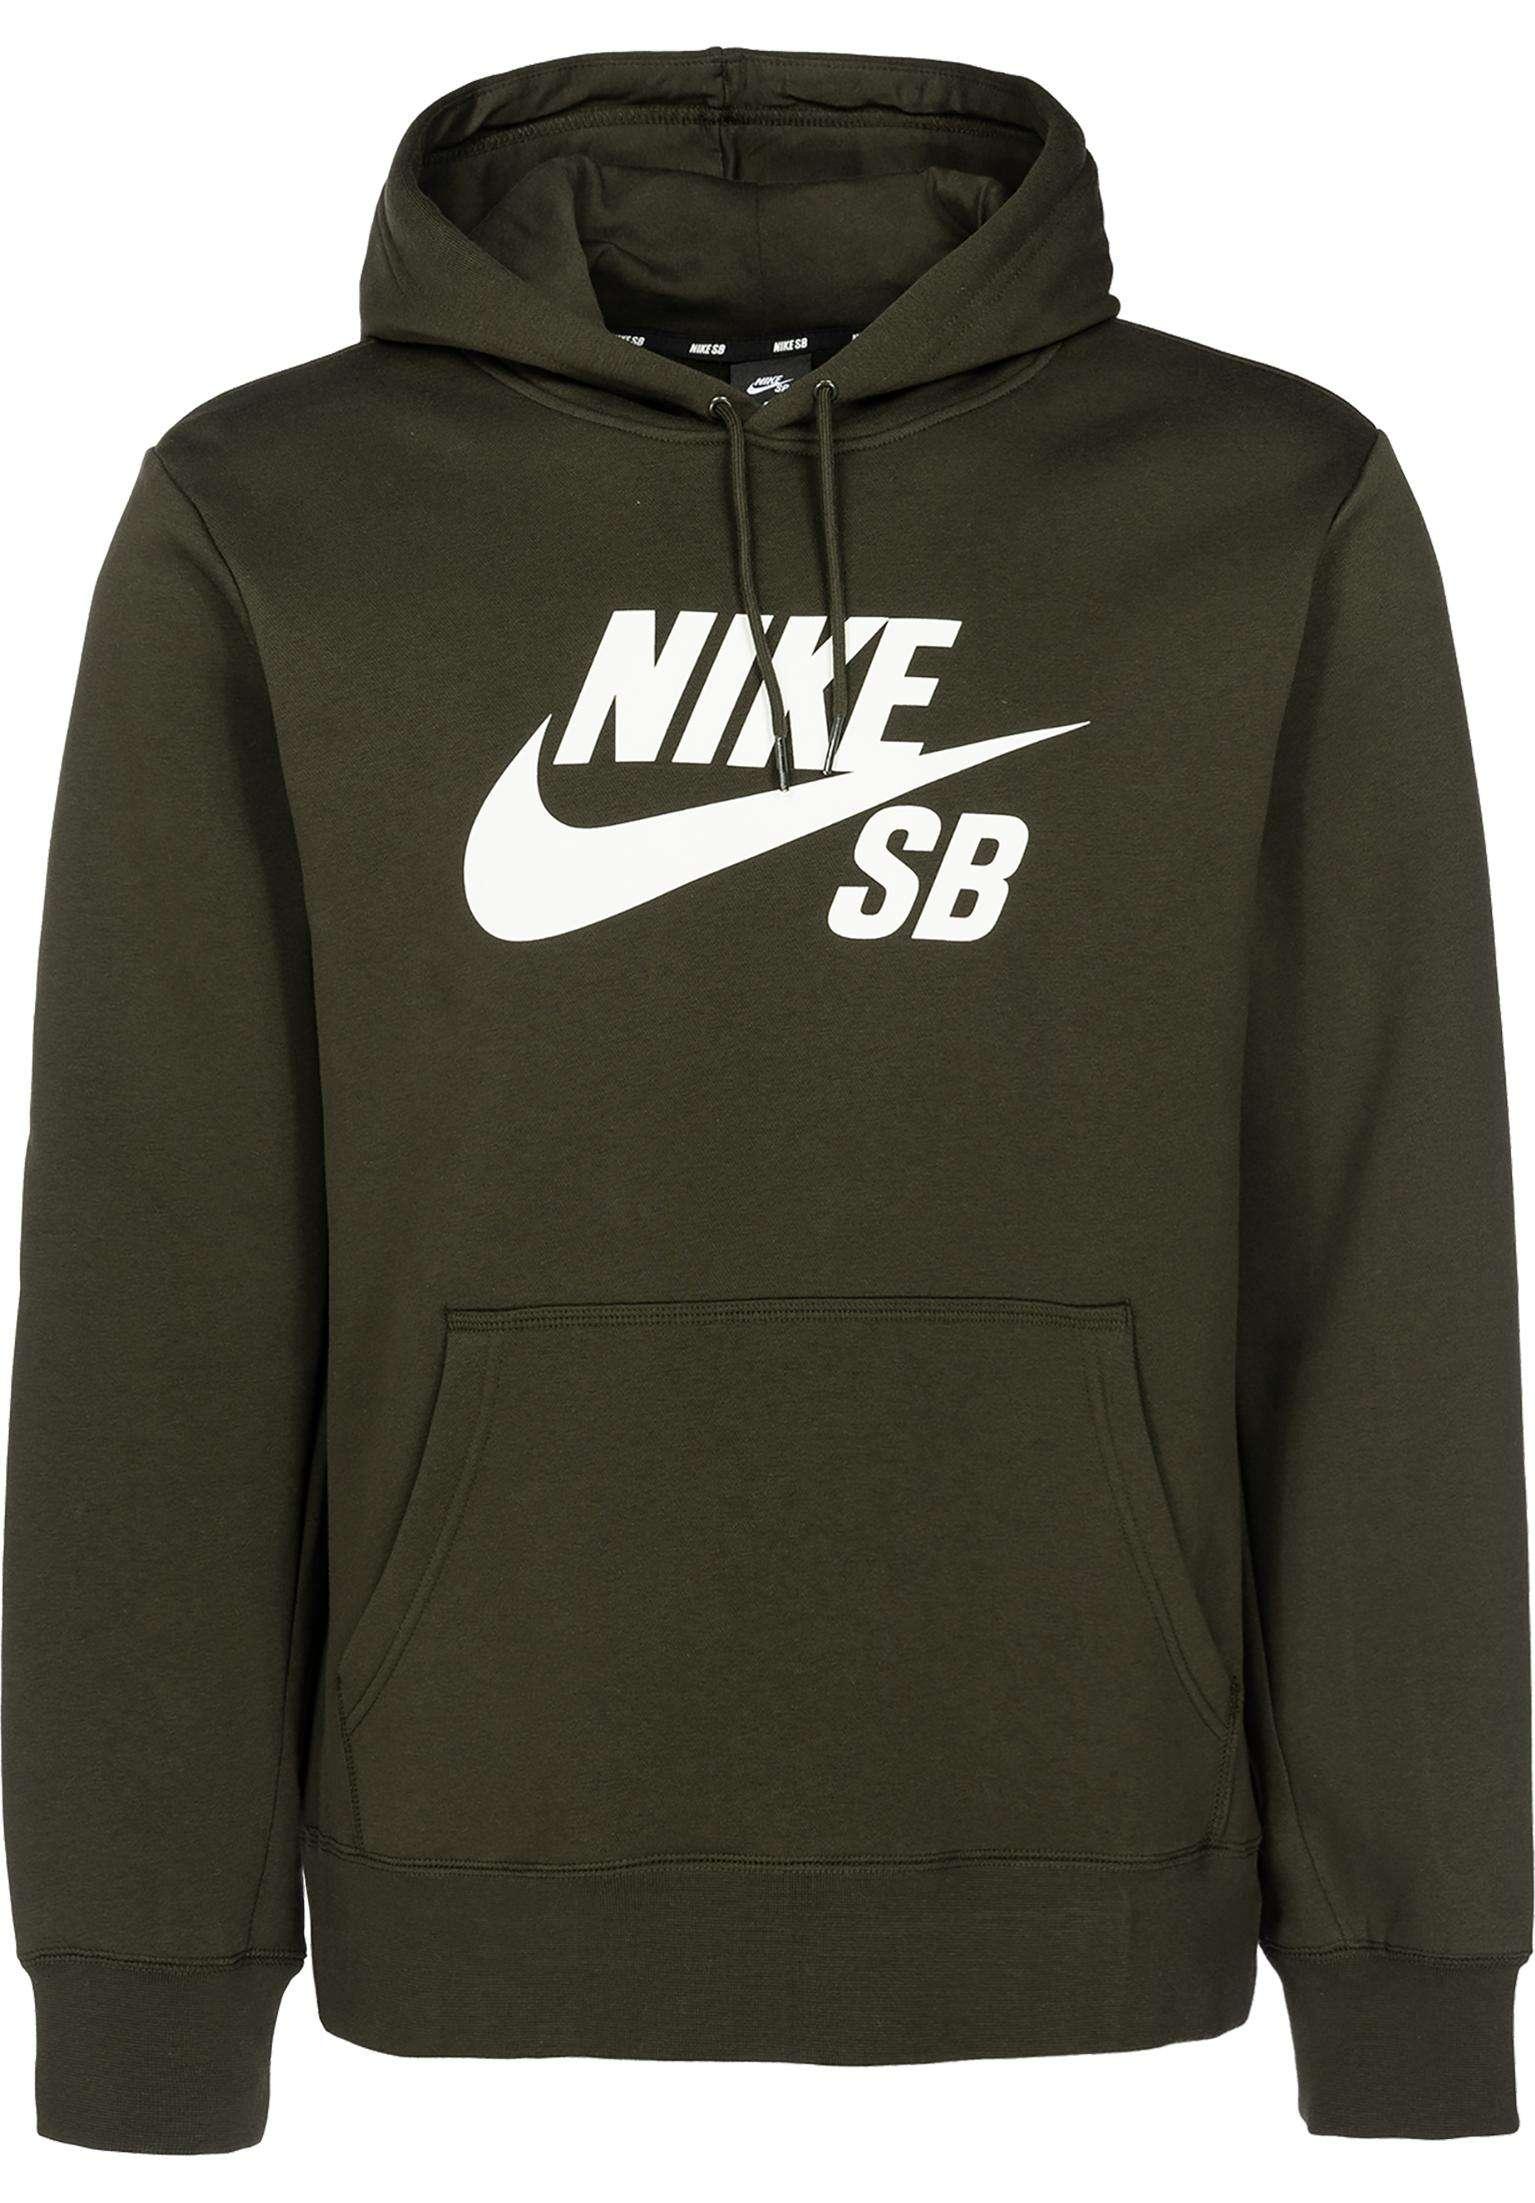 In Icon Sb White Für Nike Sequoia Sudaderas Capucha Hombre Con PXXvn